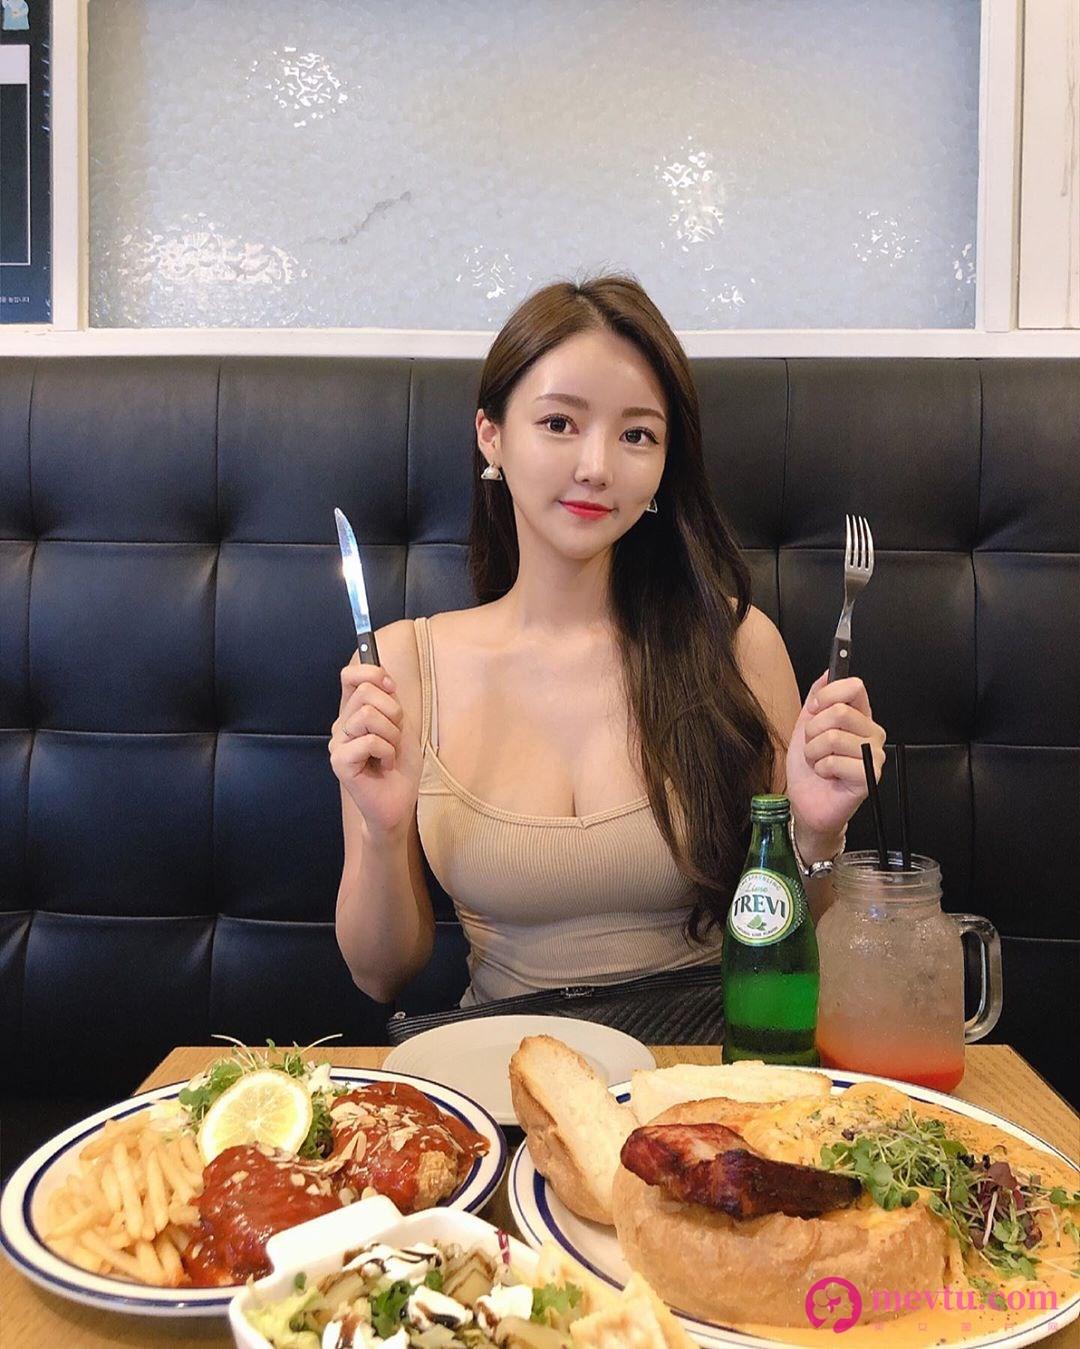 韩国正妹Ella Jang白色低胸小可爱吃泡菜锅 上衣快被撑爆身材超好 性感美女-第2张